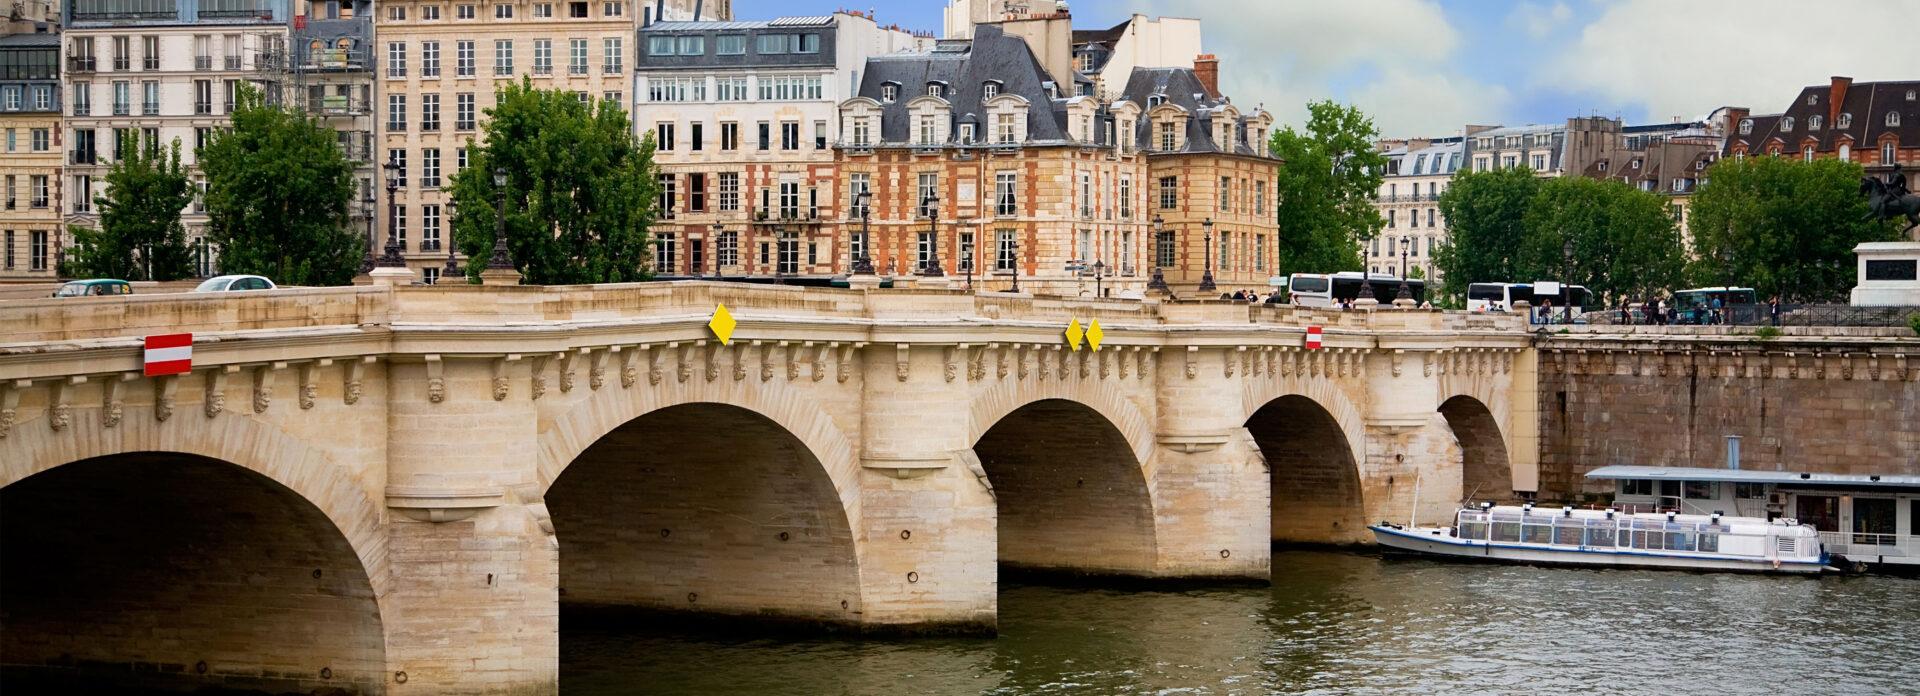 Pont Neuf Paris romantisk bro